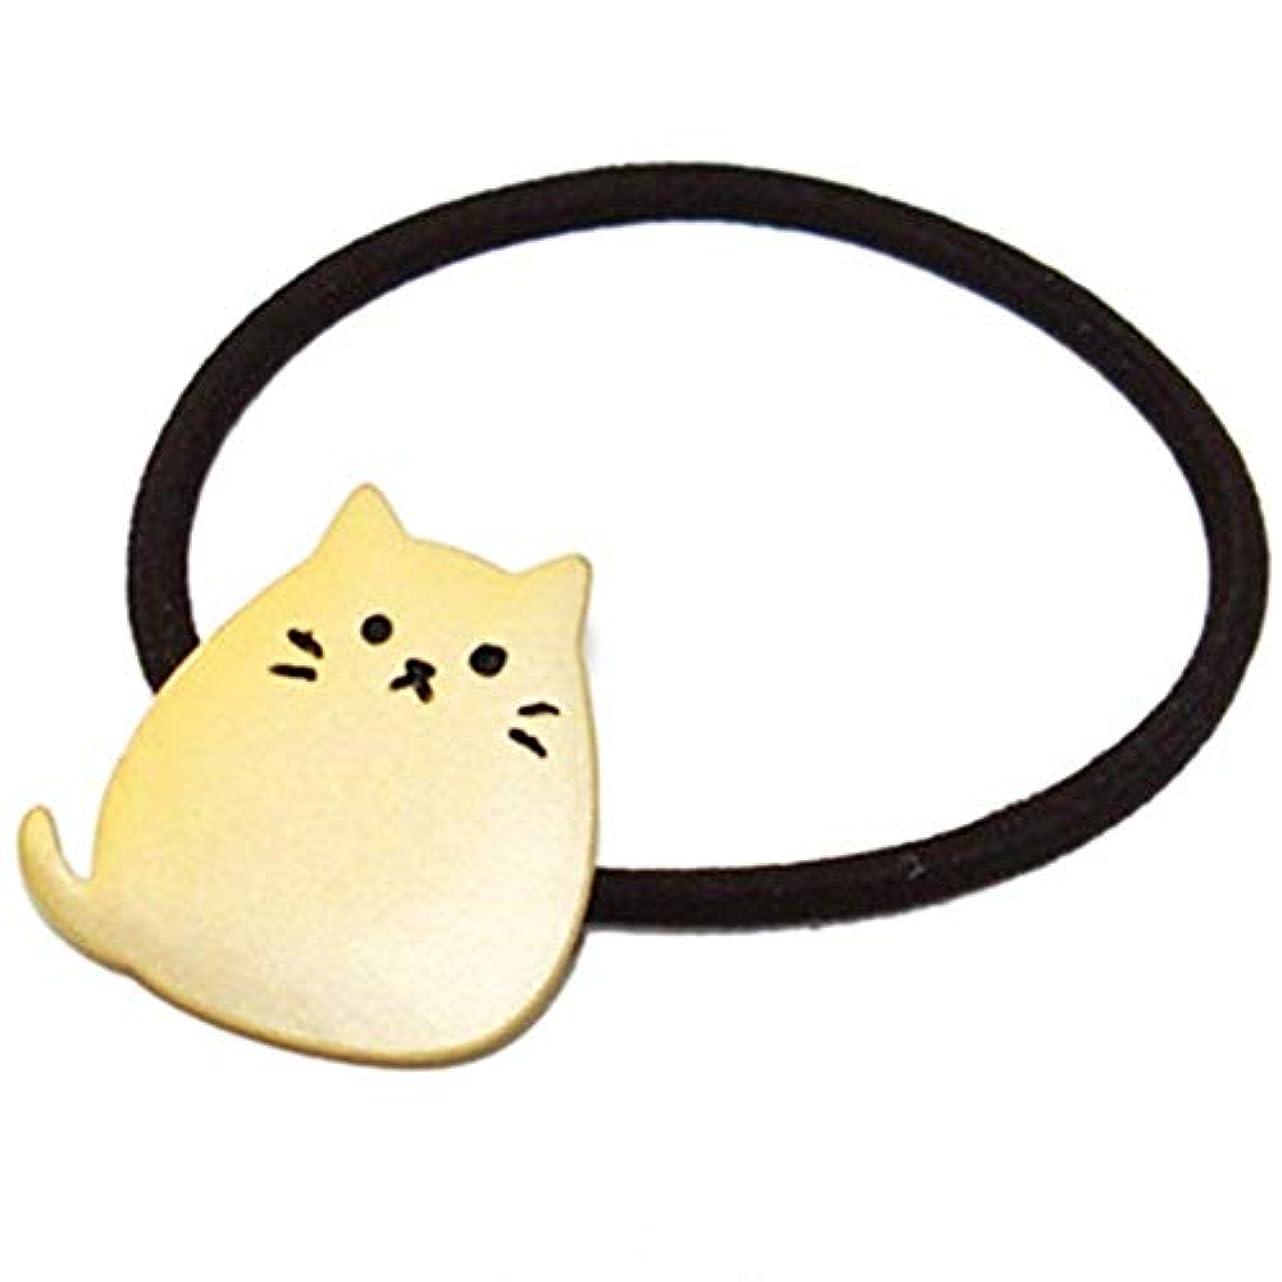 文庫本鈍い宣伝Onior ヘアロープ 弾性 リボン 髪飾り ヘアネクタイ 猫形 金属 メッキ 1ピース ゴールデン